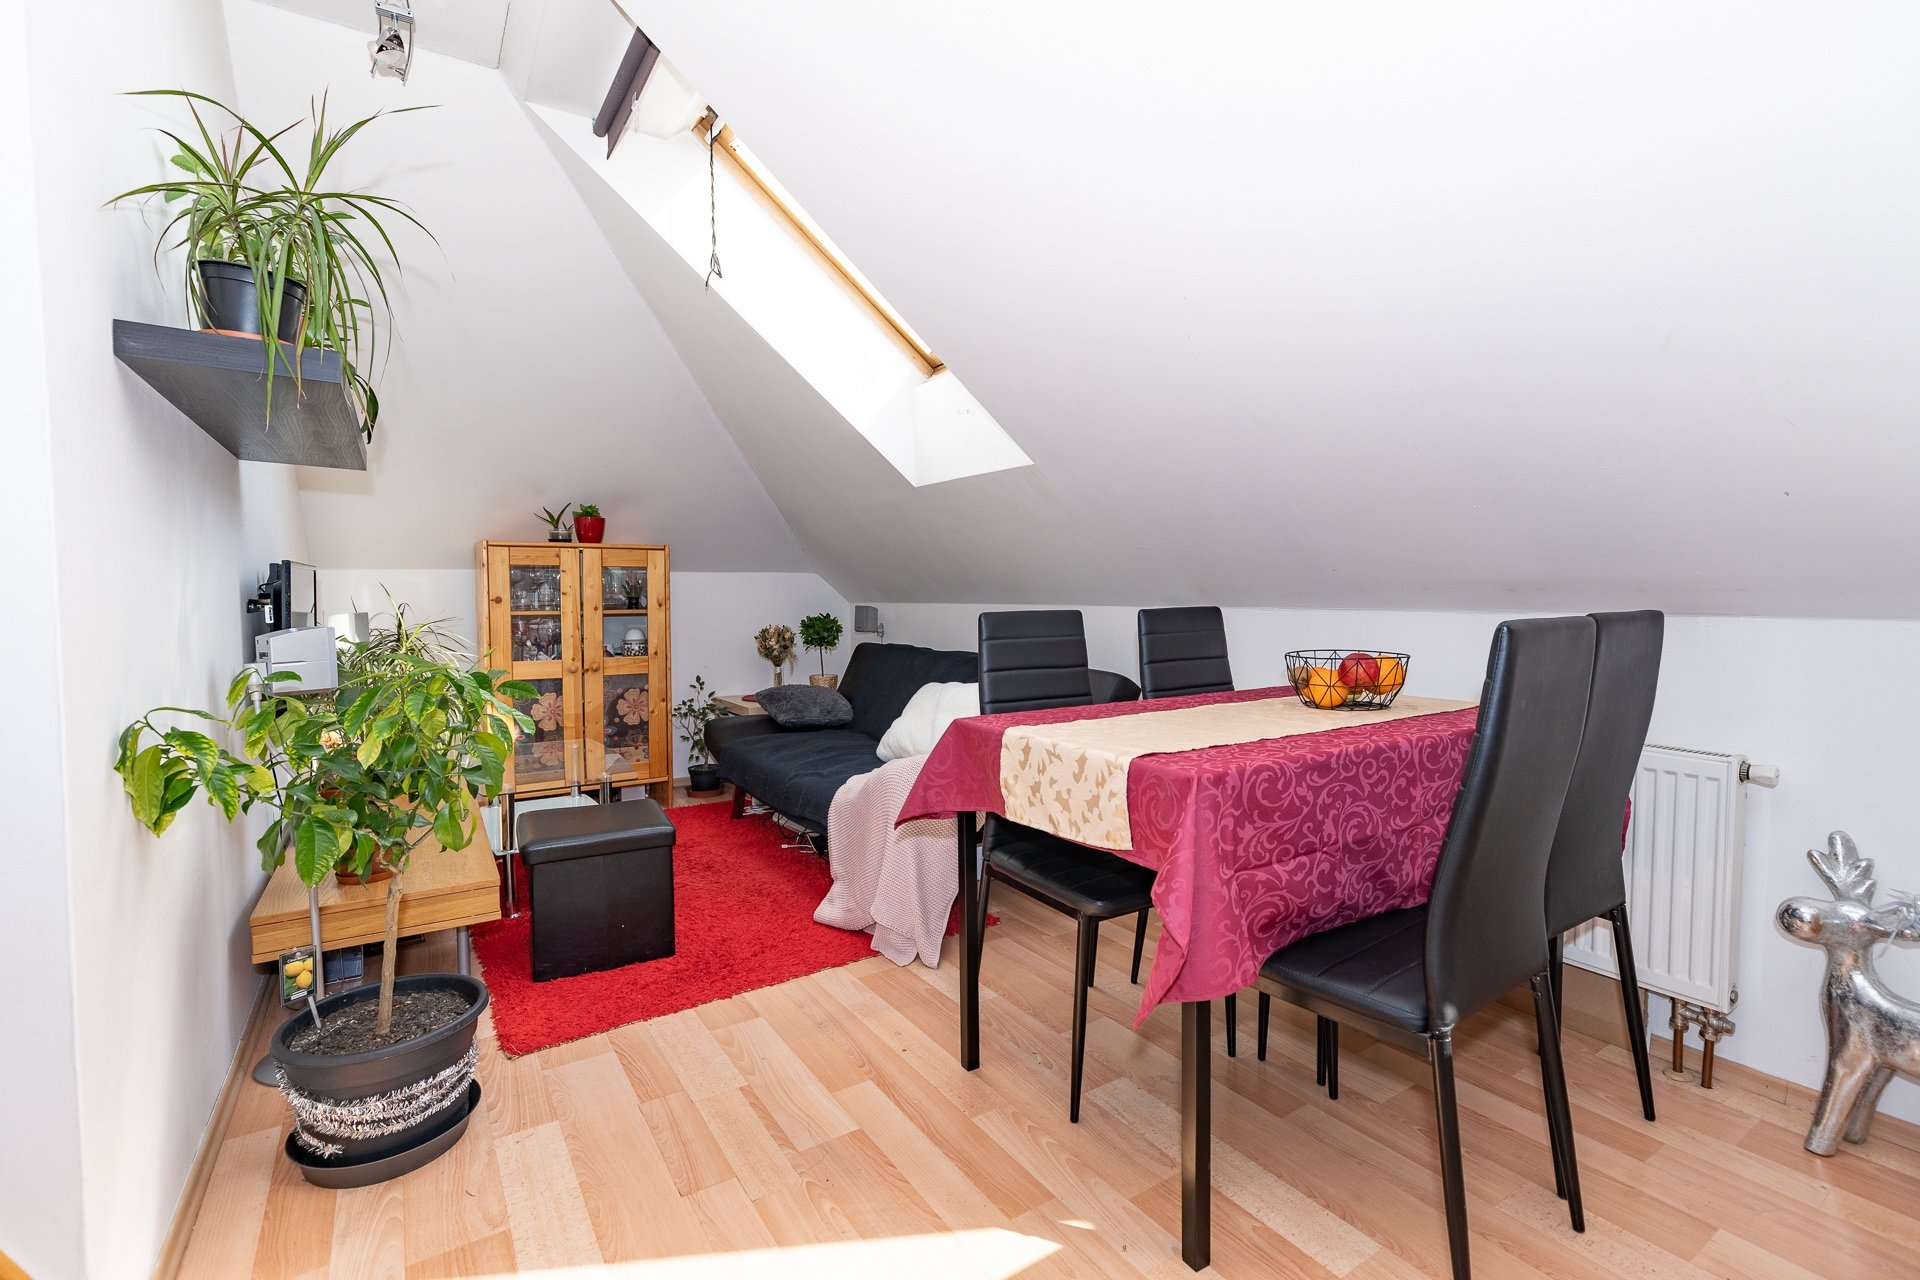 obývací a jídelní kout, jídelní stůl, pohovka, strěšní okno a květina